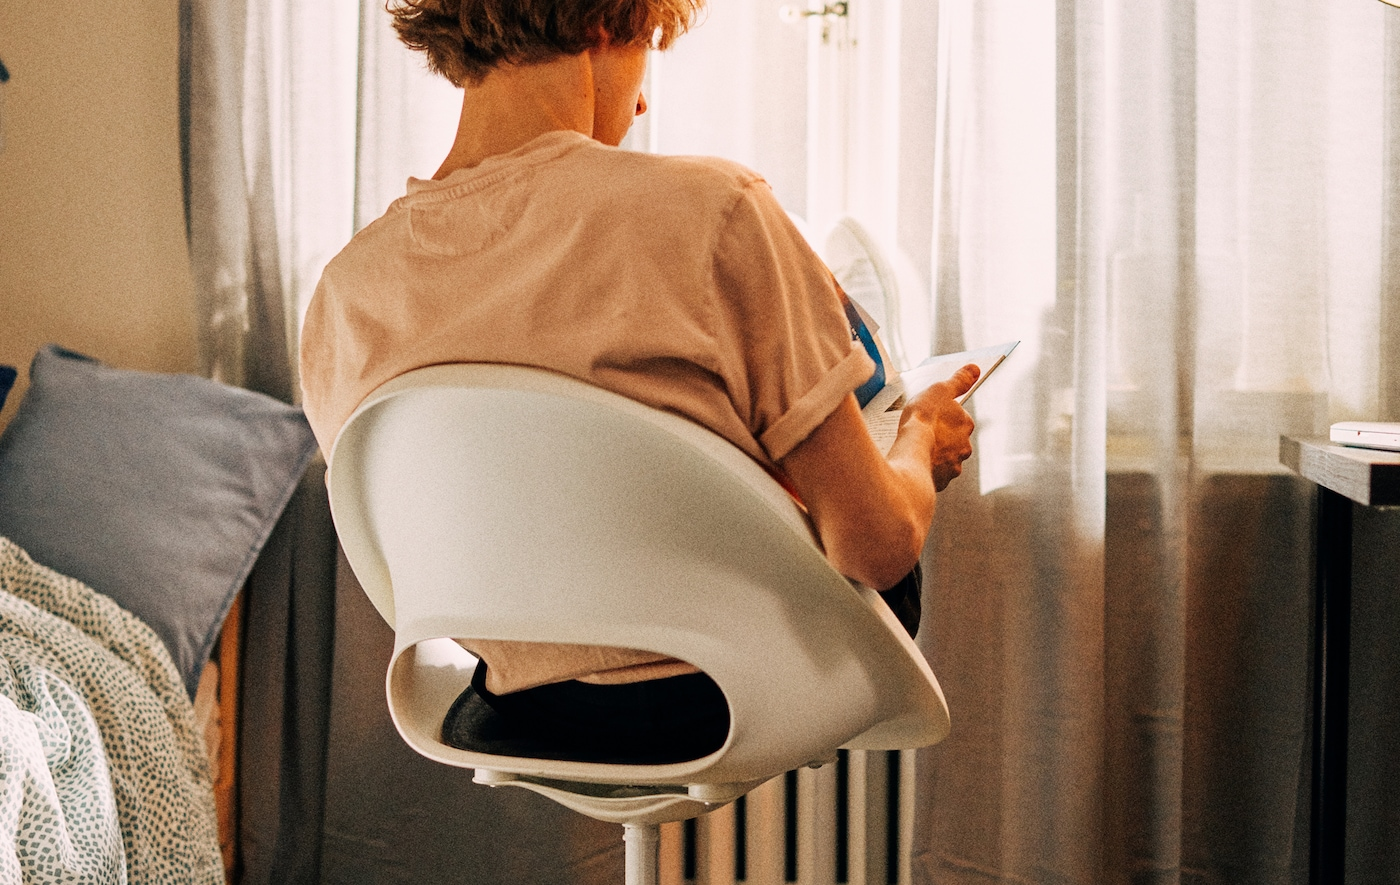 Ein junger Mann sitzt lernend auf einem Drehstuhl an einem Fenster, die Füße hat er auf dem Heizkörper des Zimmers abgelegt.